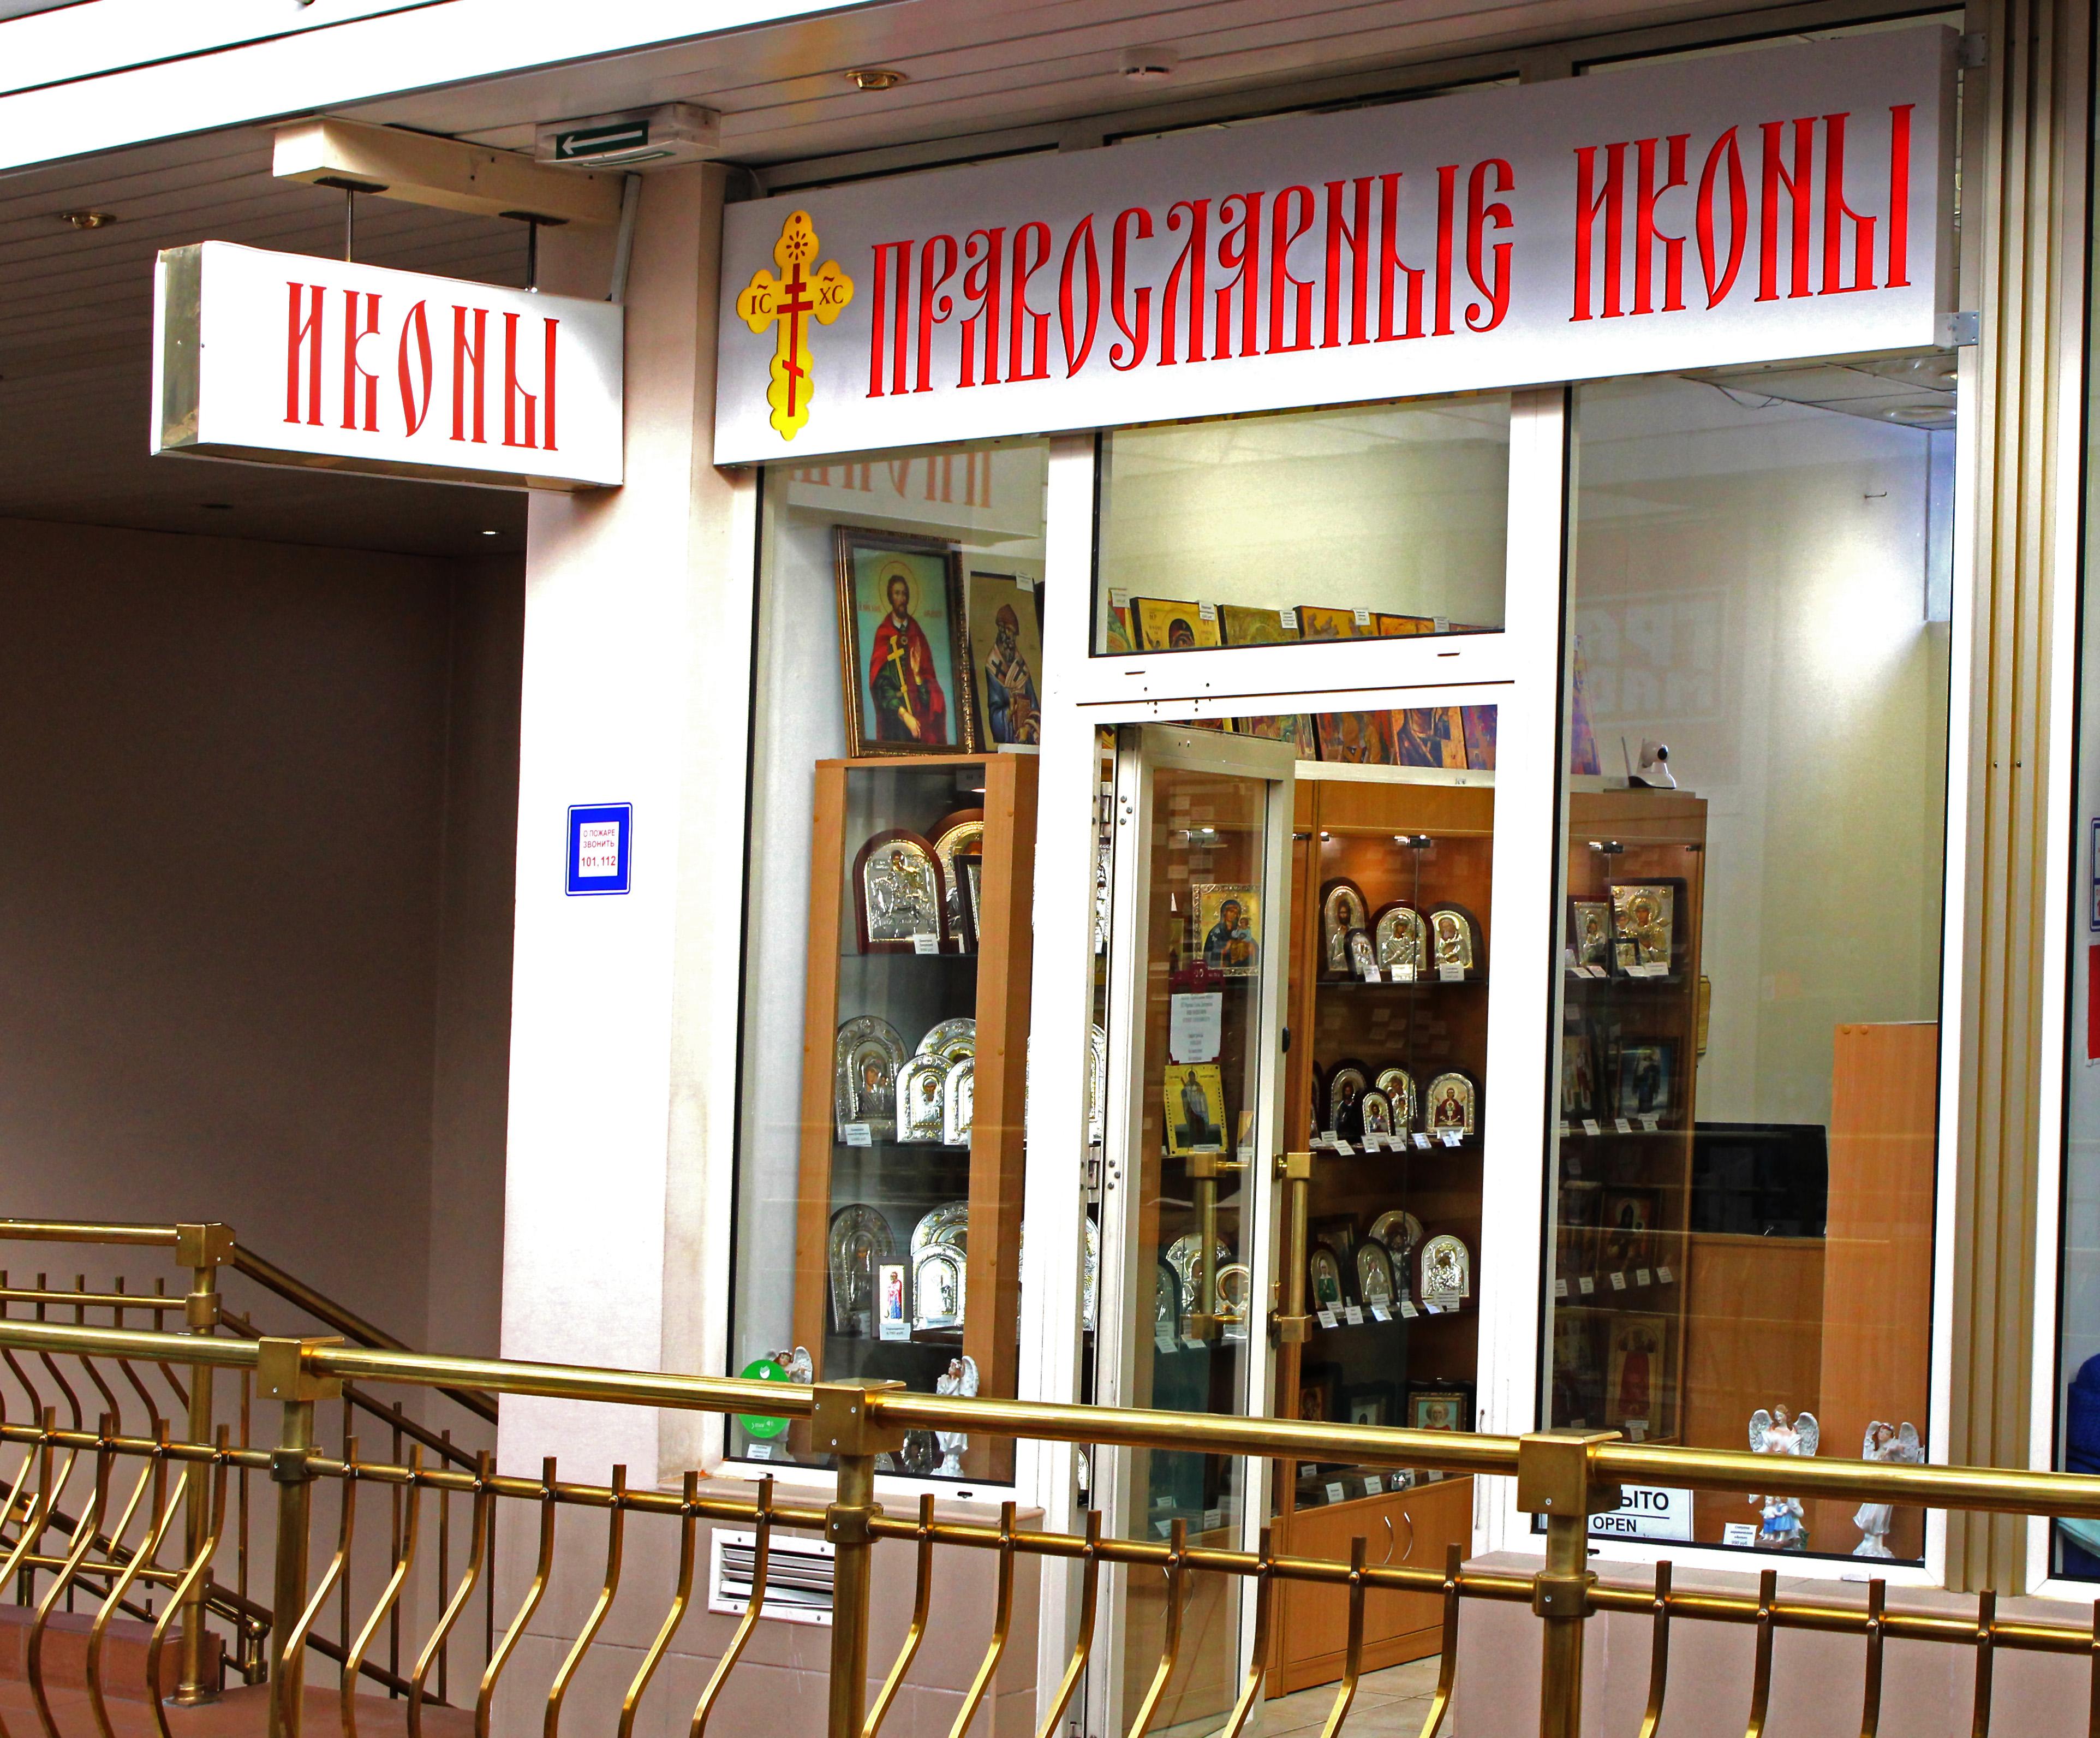 Вывеска магазина Православные иконы.jpg